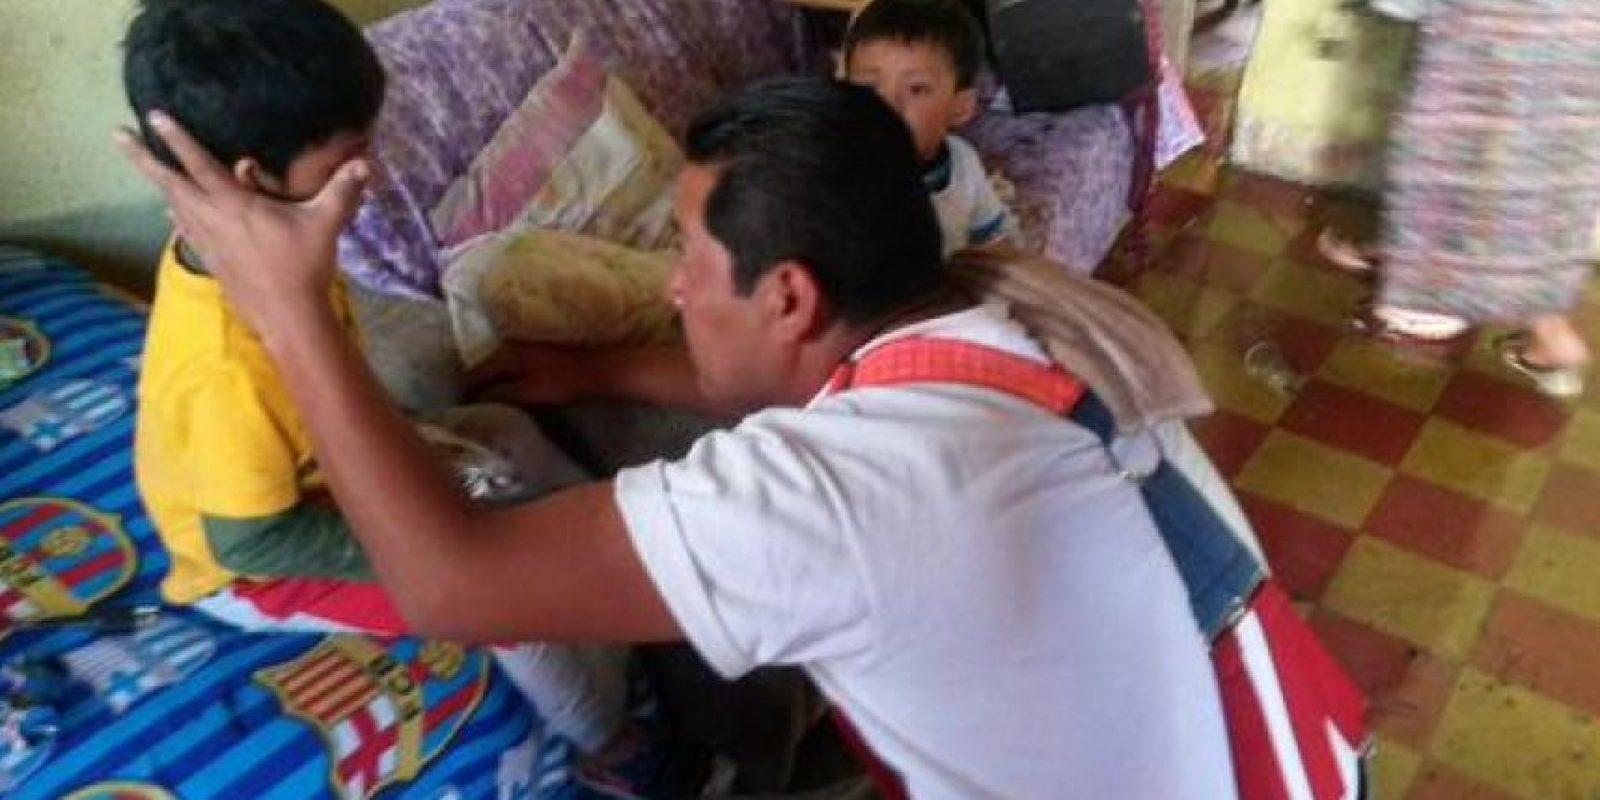 El niño estaba solo en la vivienda. Foto:CVB